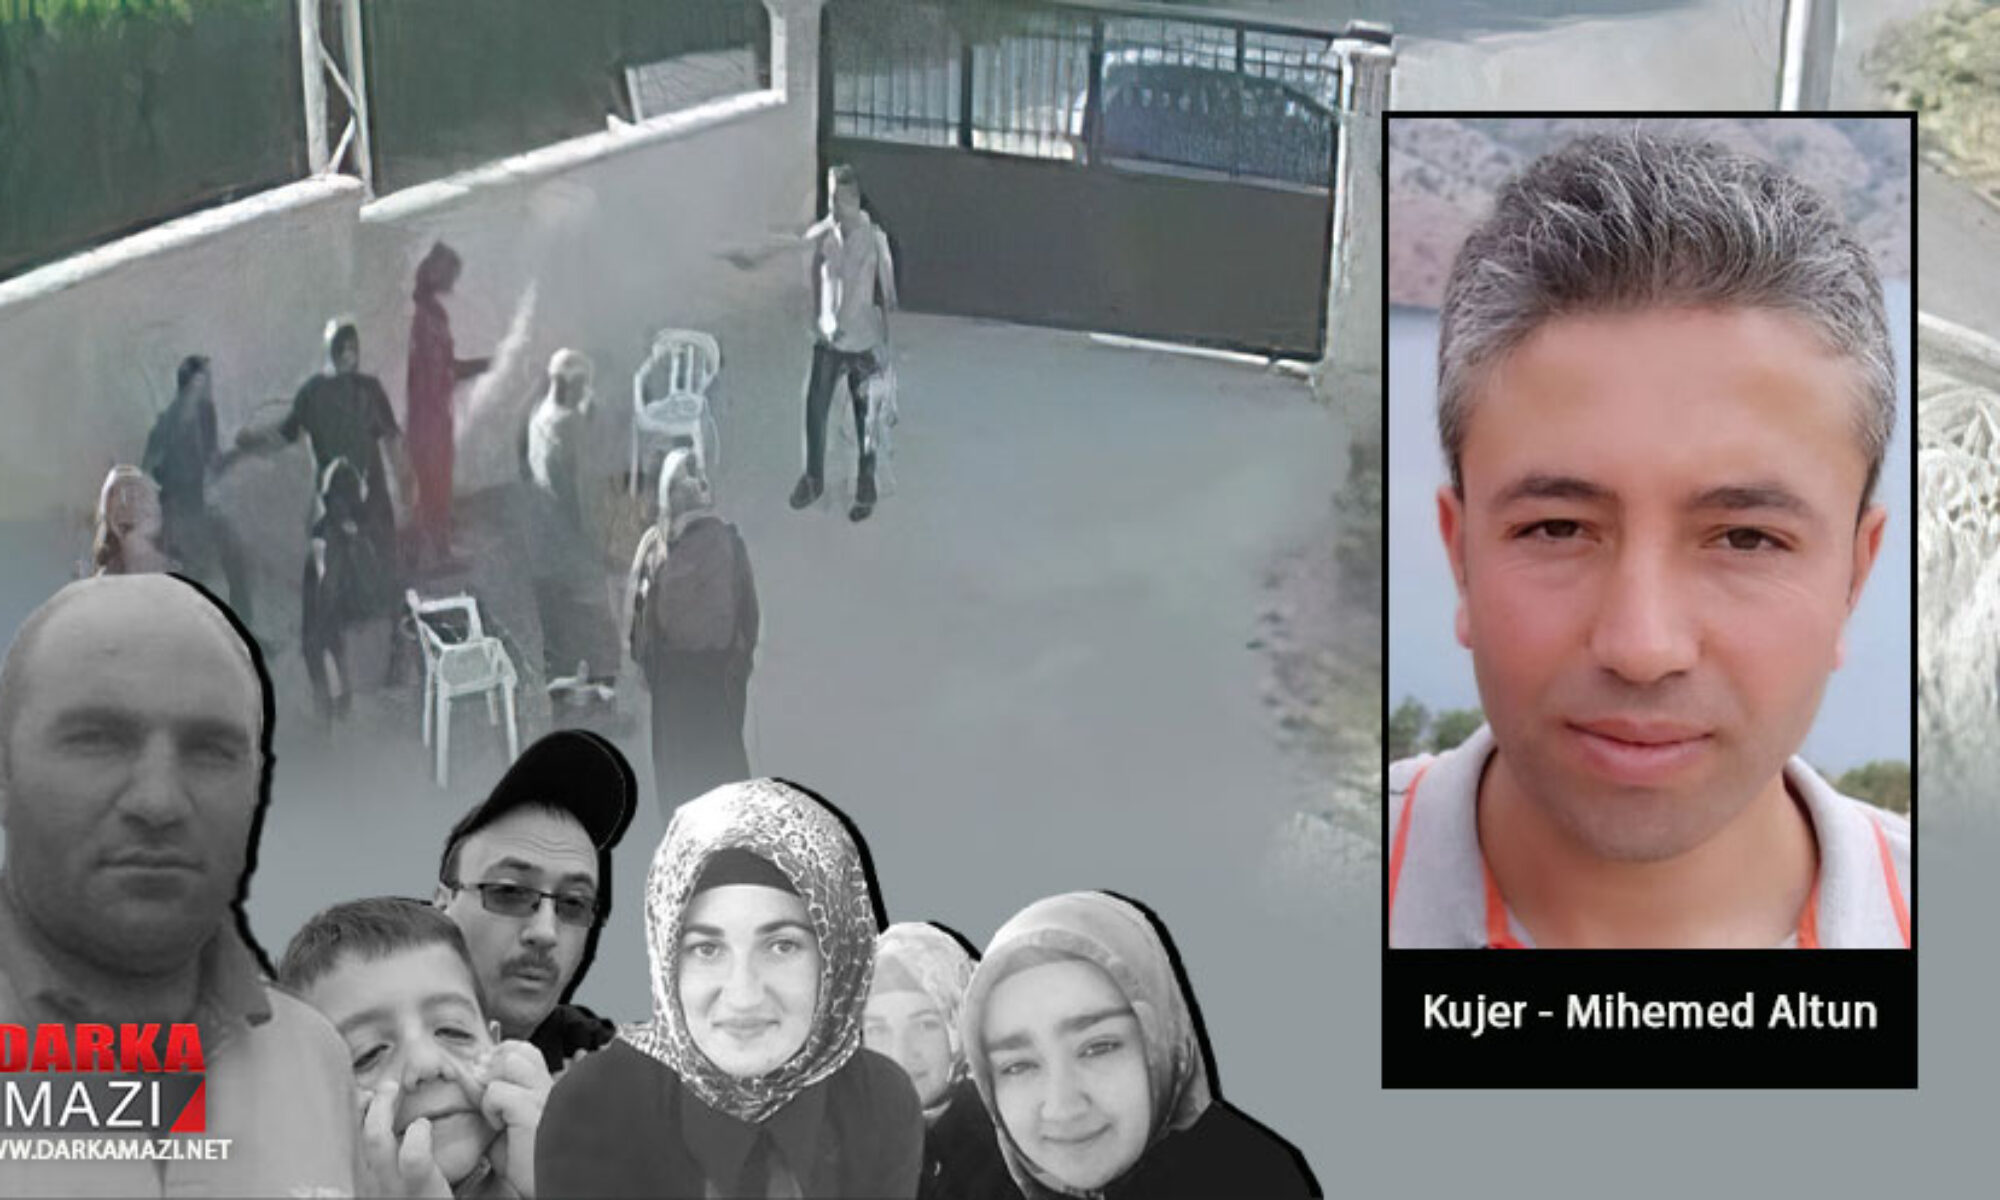 Konya'daki ırkçı katliamının faili Mehmet Altun yakalandı